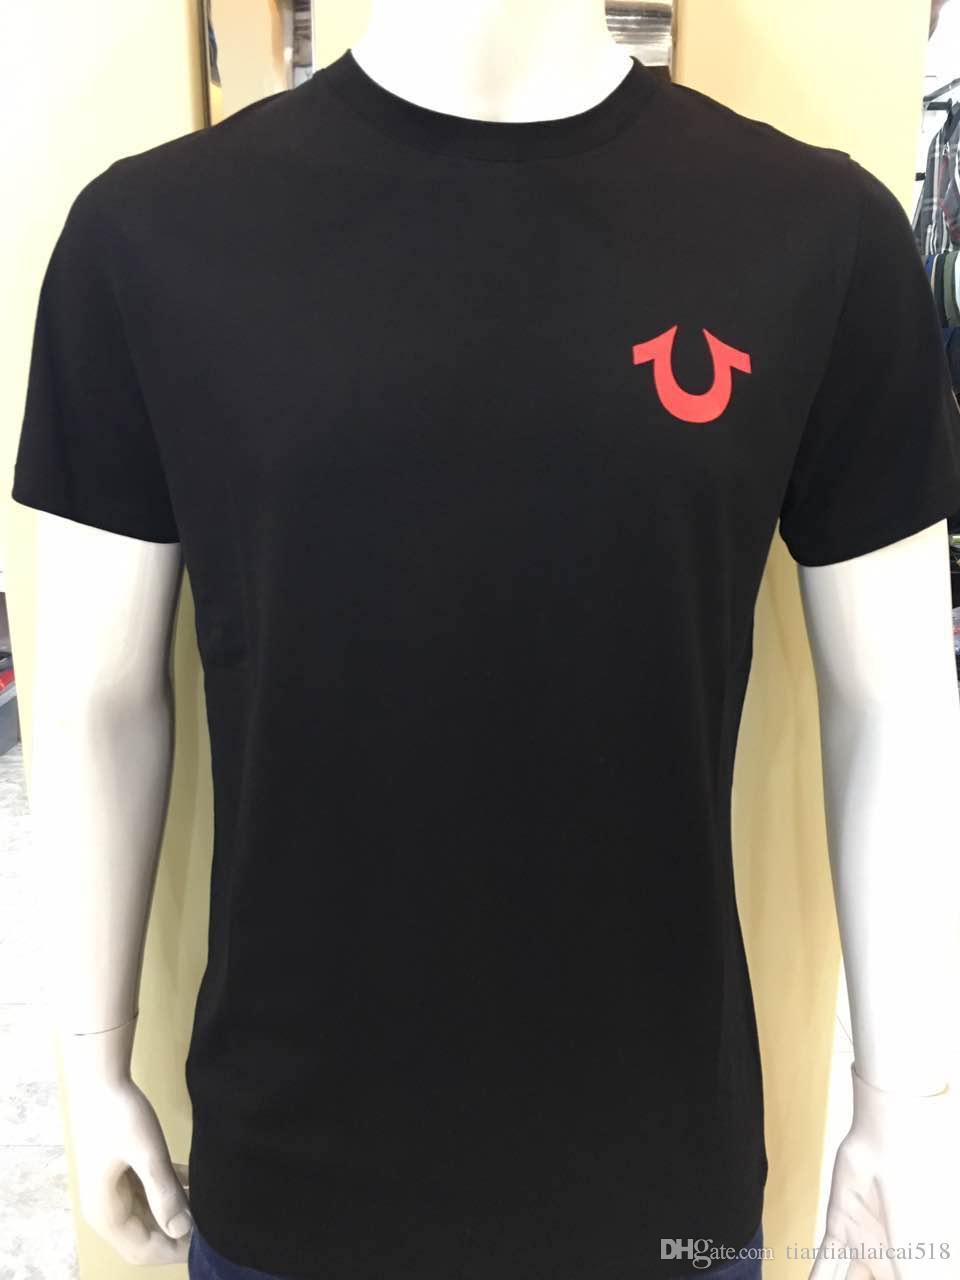 Hohe Qualität USA Rot Schwarz Weiß Herren Robin True Jeans Crew-Polo-Jacke Mit Flügeln Real American Jeans Club Schlank Mantel T-Shirt